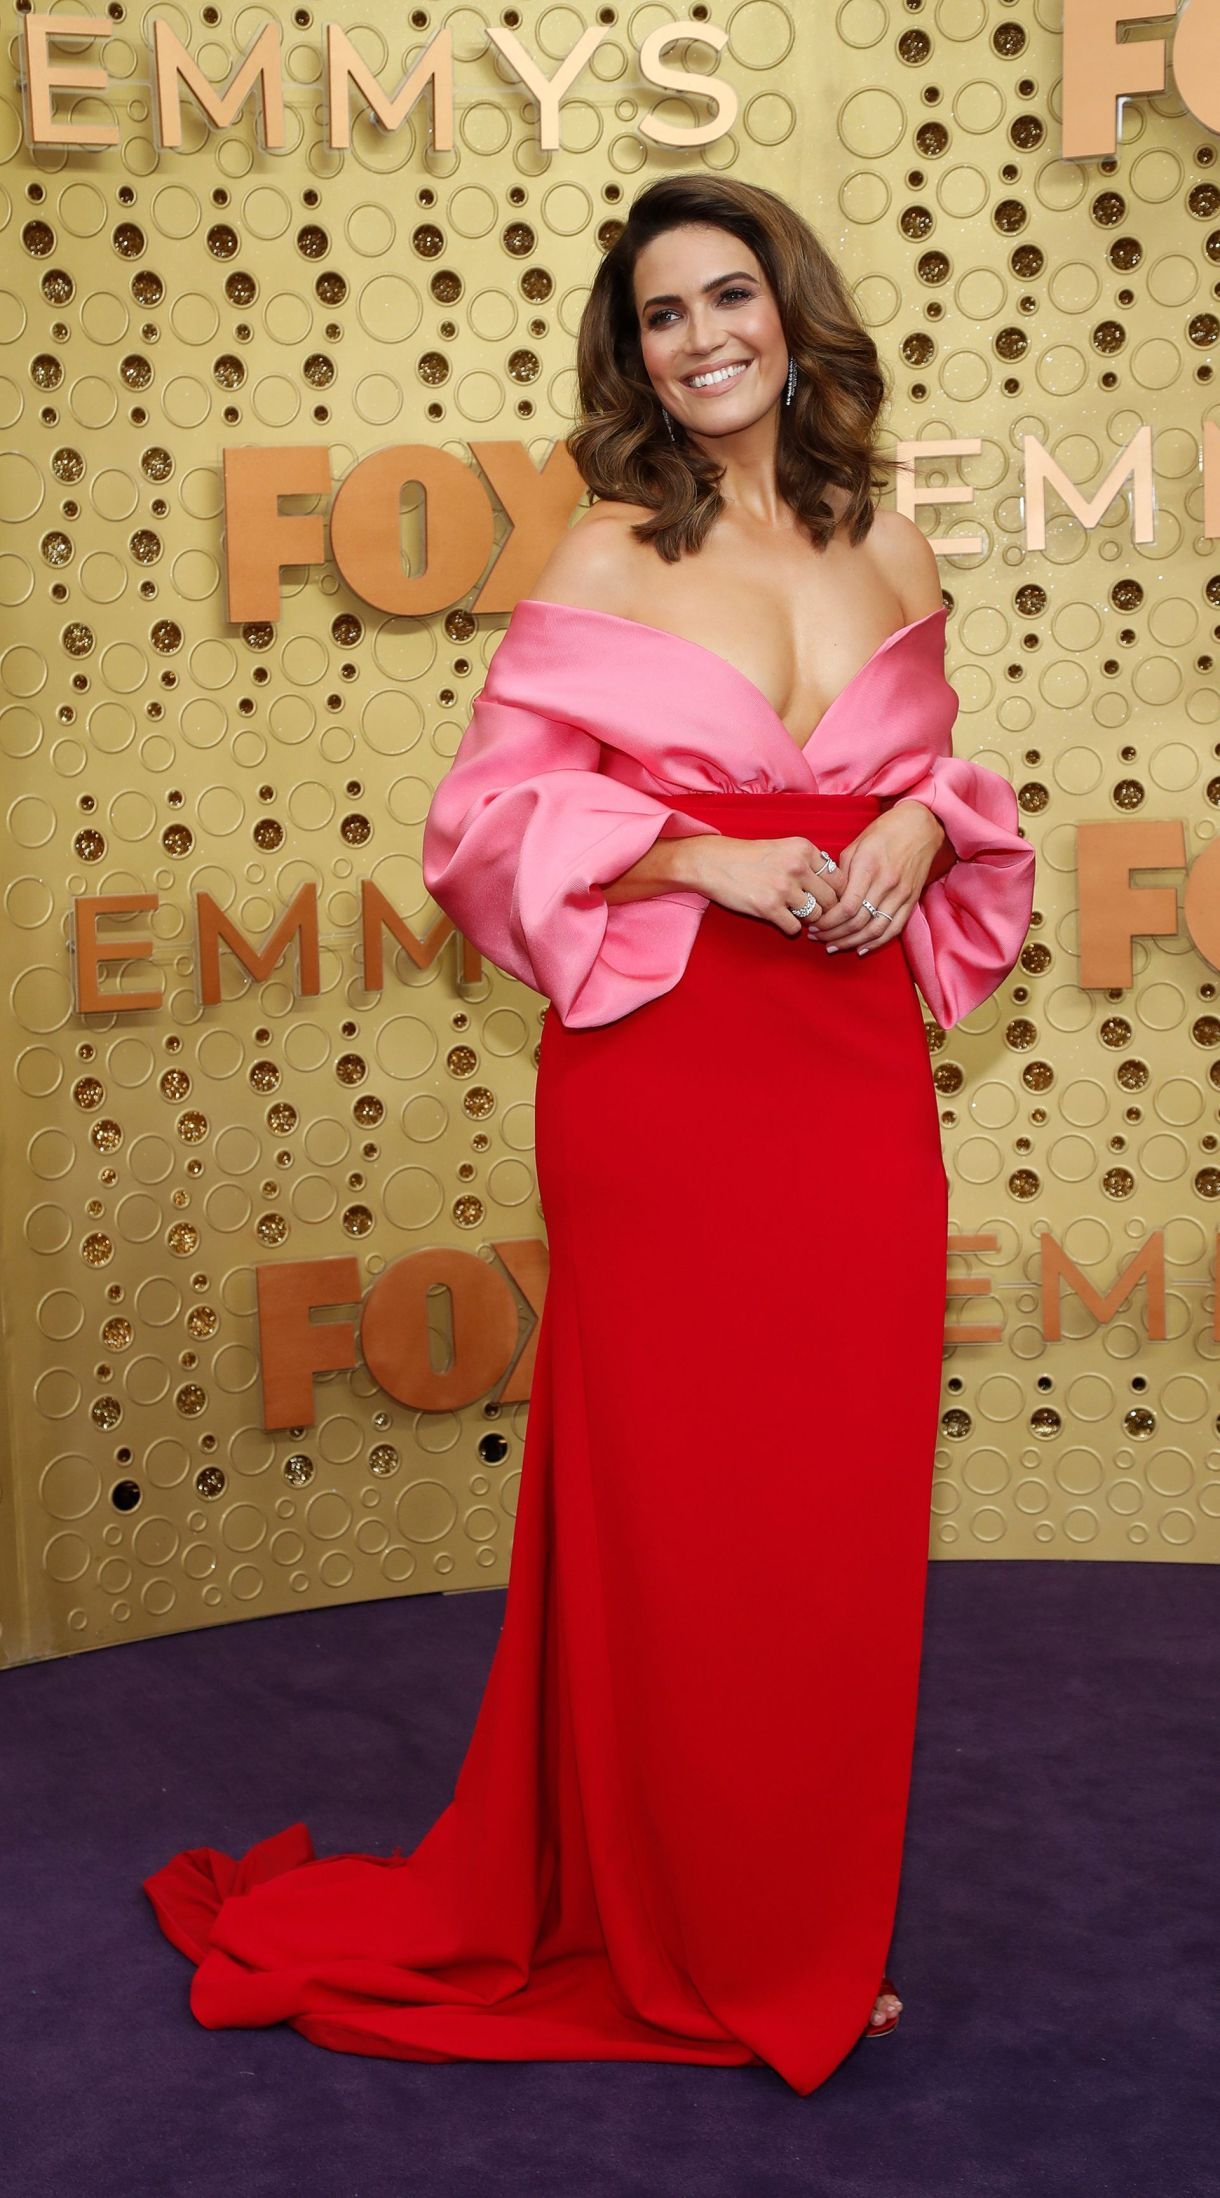 Mandy Mooredeslumbró en la alfombra violeta con un vestido bicolor de Brandon Maxwell en rosa y rojo de hombros caídos y gran escote y cola. Completó su look con sandalias rojas, anillos y aros de brillantes